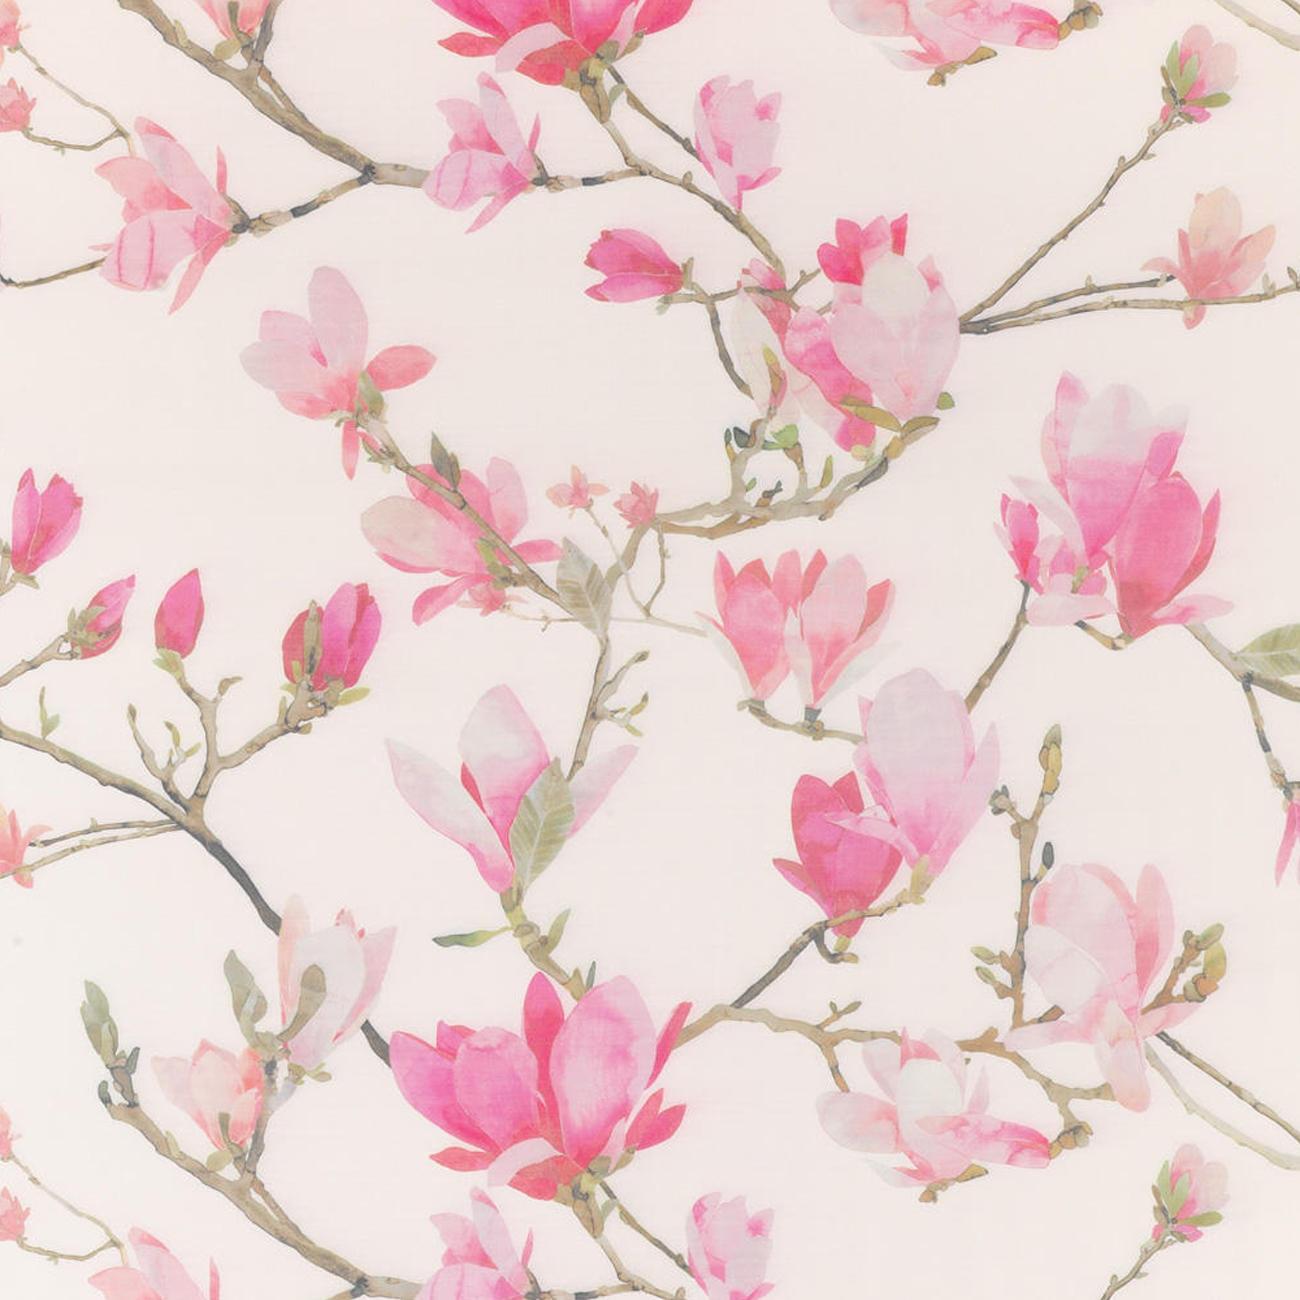 vorhang magnolia creme rosa 1 st ck vorhang kaufen. Black Bedroom Furniture Sets. Home Design Ideas